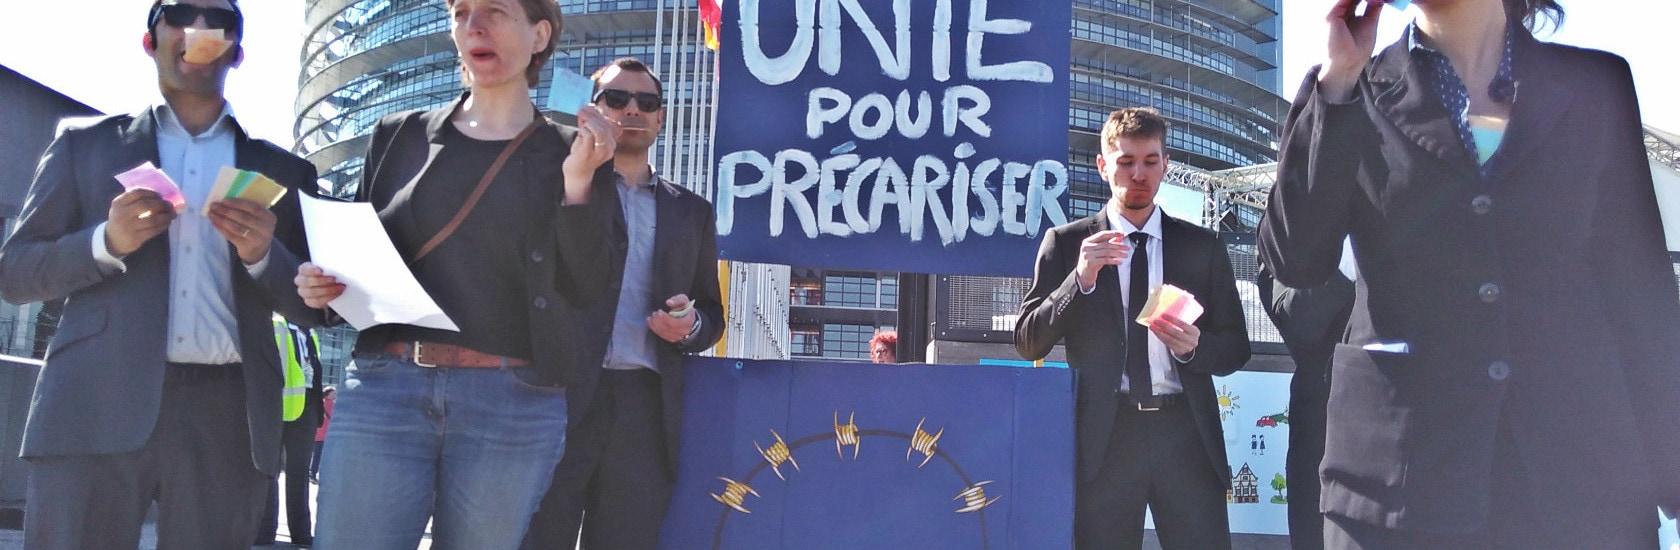 Intermittents et étudiants dénoncent «l'Europe de la précarité» aux portes ouvertes du Parlement